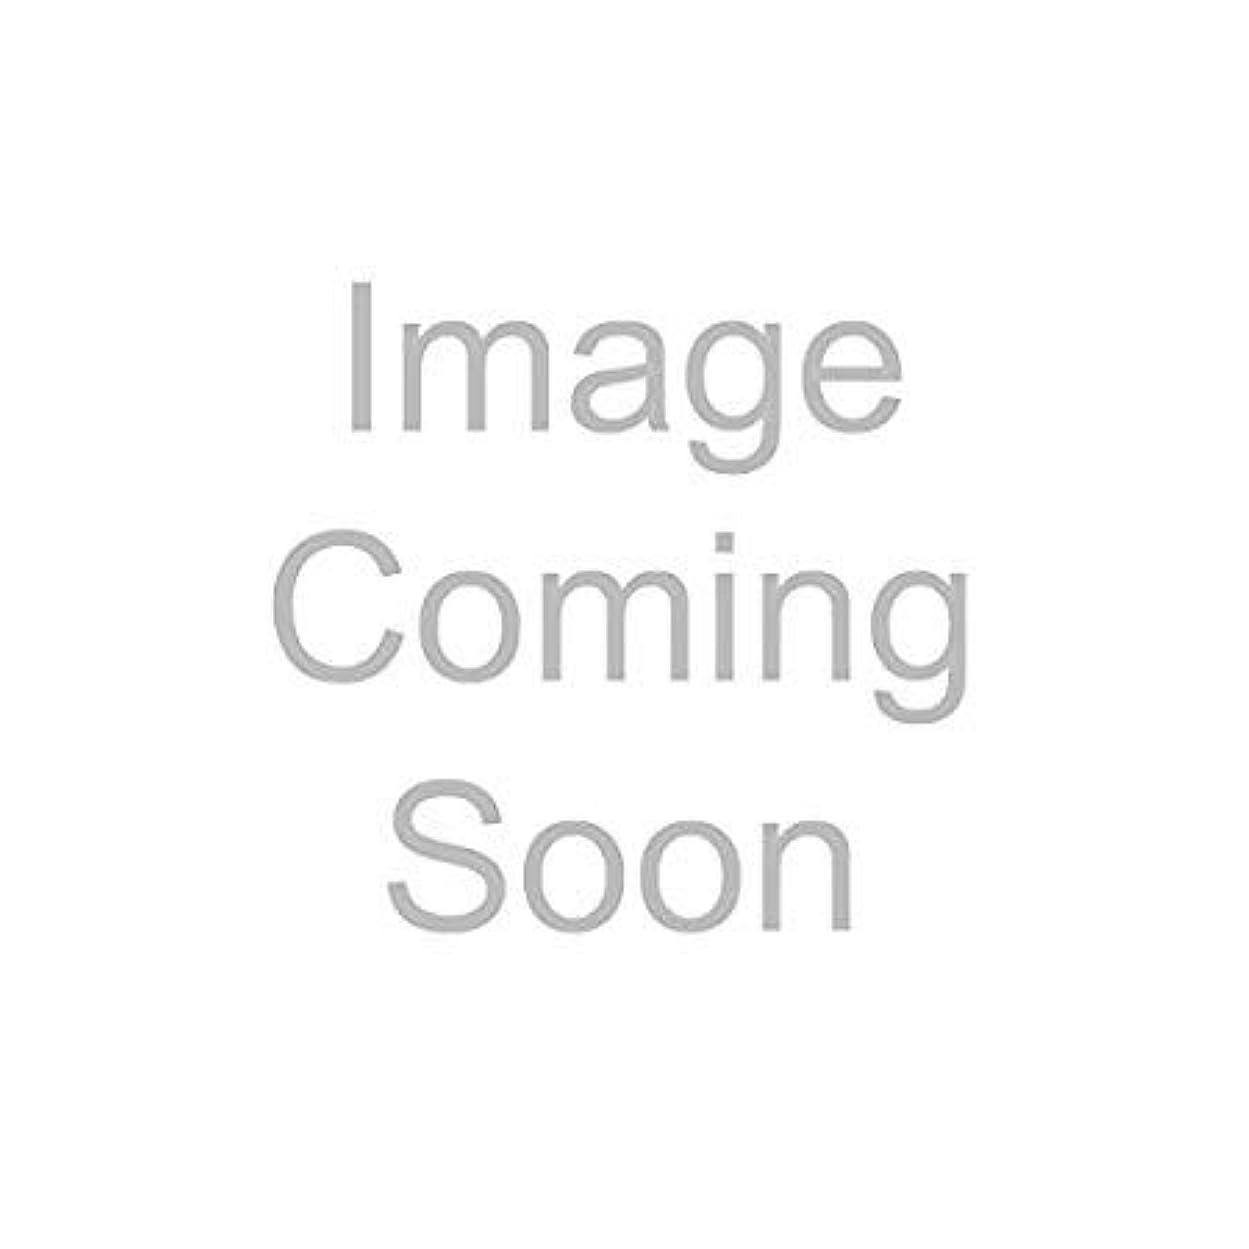 辞書以前は内陸エスティローダー デイウェアアドバンスドマルチプロテクションアンチオキシダントクリームSPF15(ドライスキン用) 50ml/1.7oz